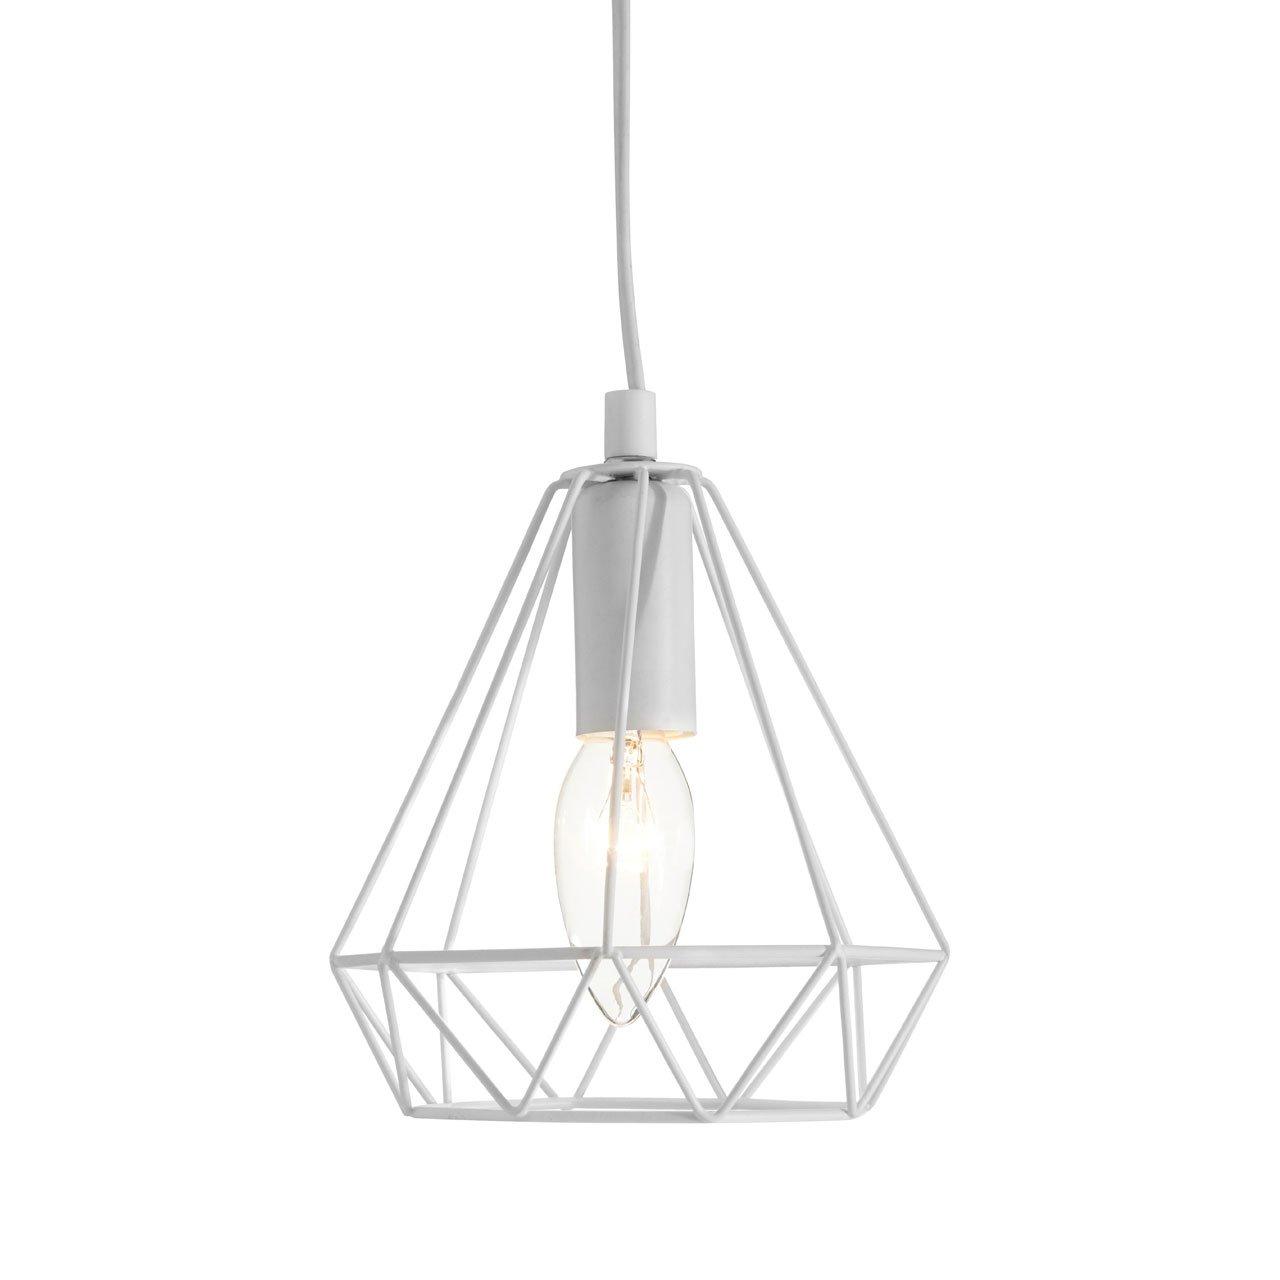 Beli White Metal Wire Pendant Light At Barnitts Online Store Uk Barnitts